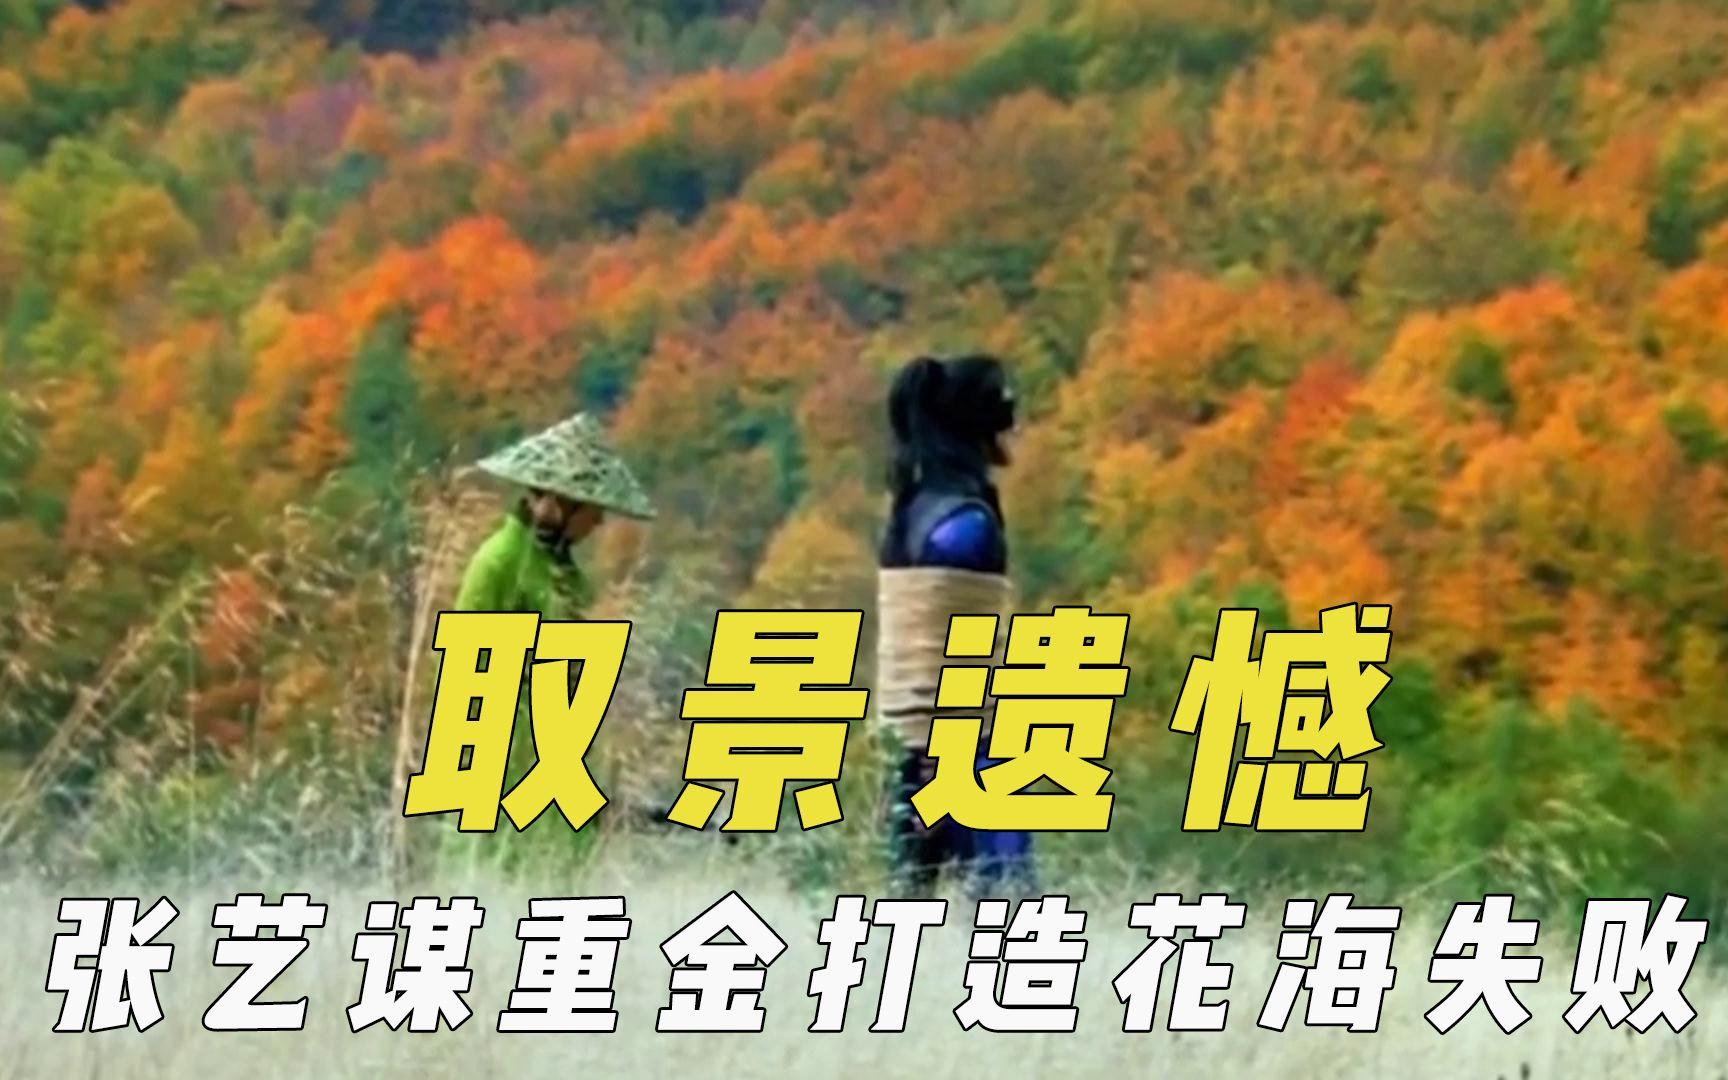 导演取景留下遗憾,张艺谋重金打造花海失败,琅琊山取景爬两小时